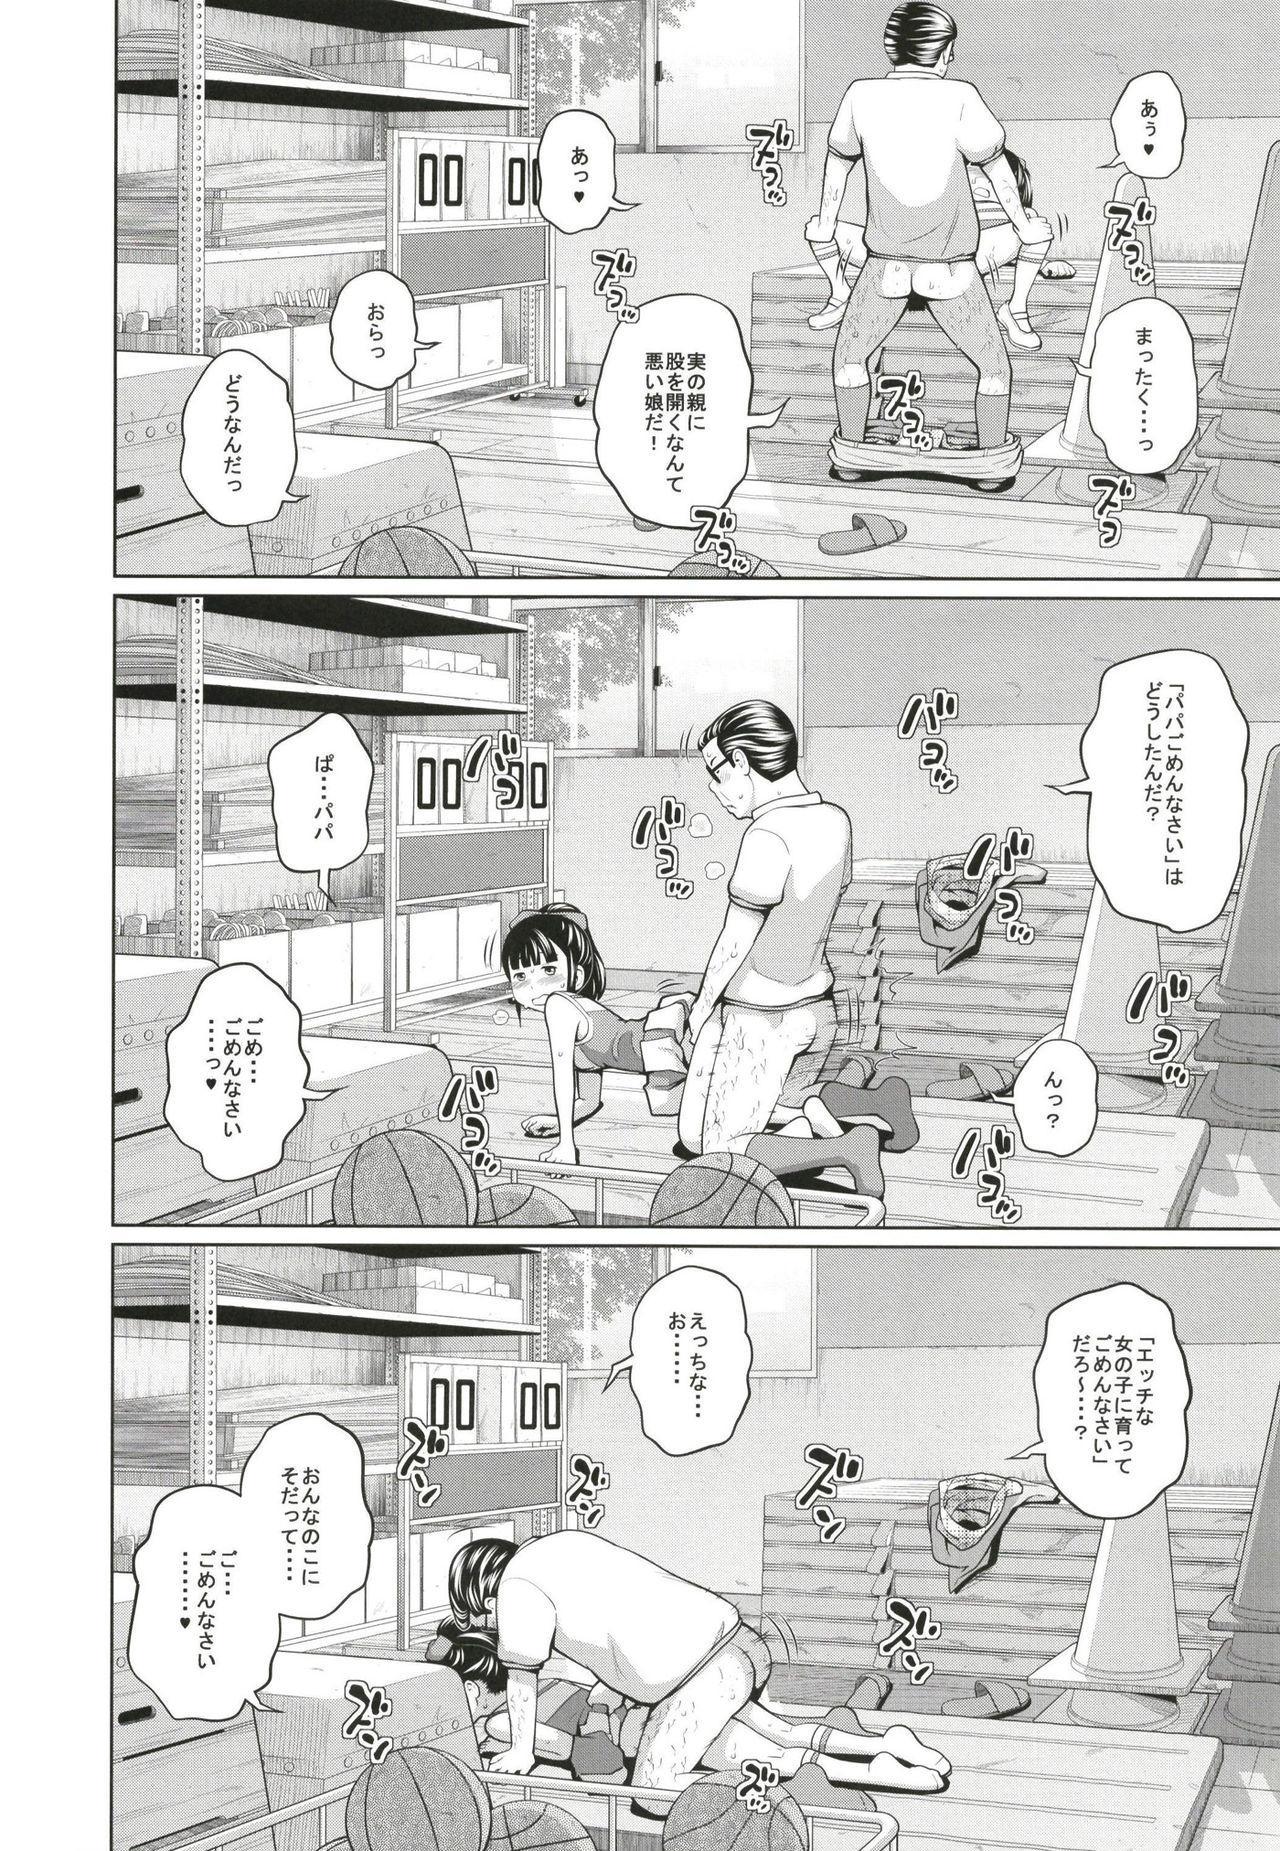 Kono Naka ni Kinshin Soukan Shiteiru Musume ga 3-nin Imasu #3 7